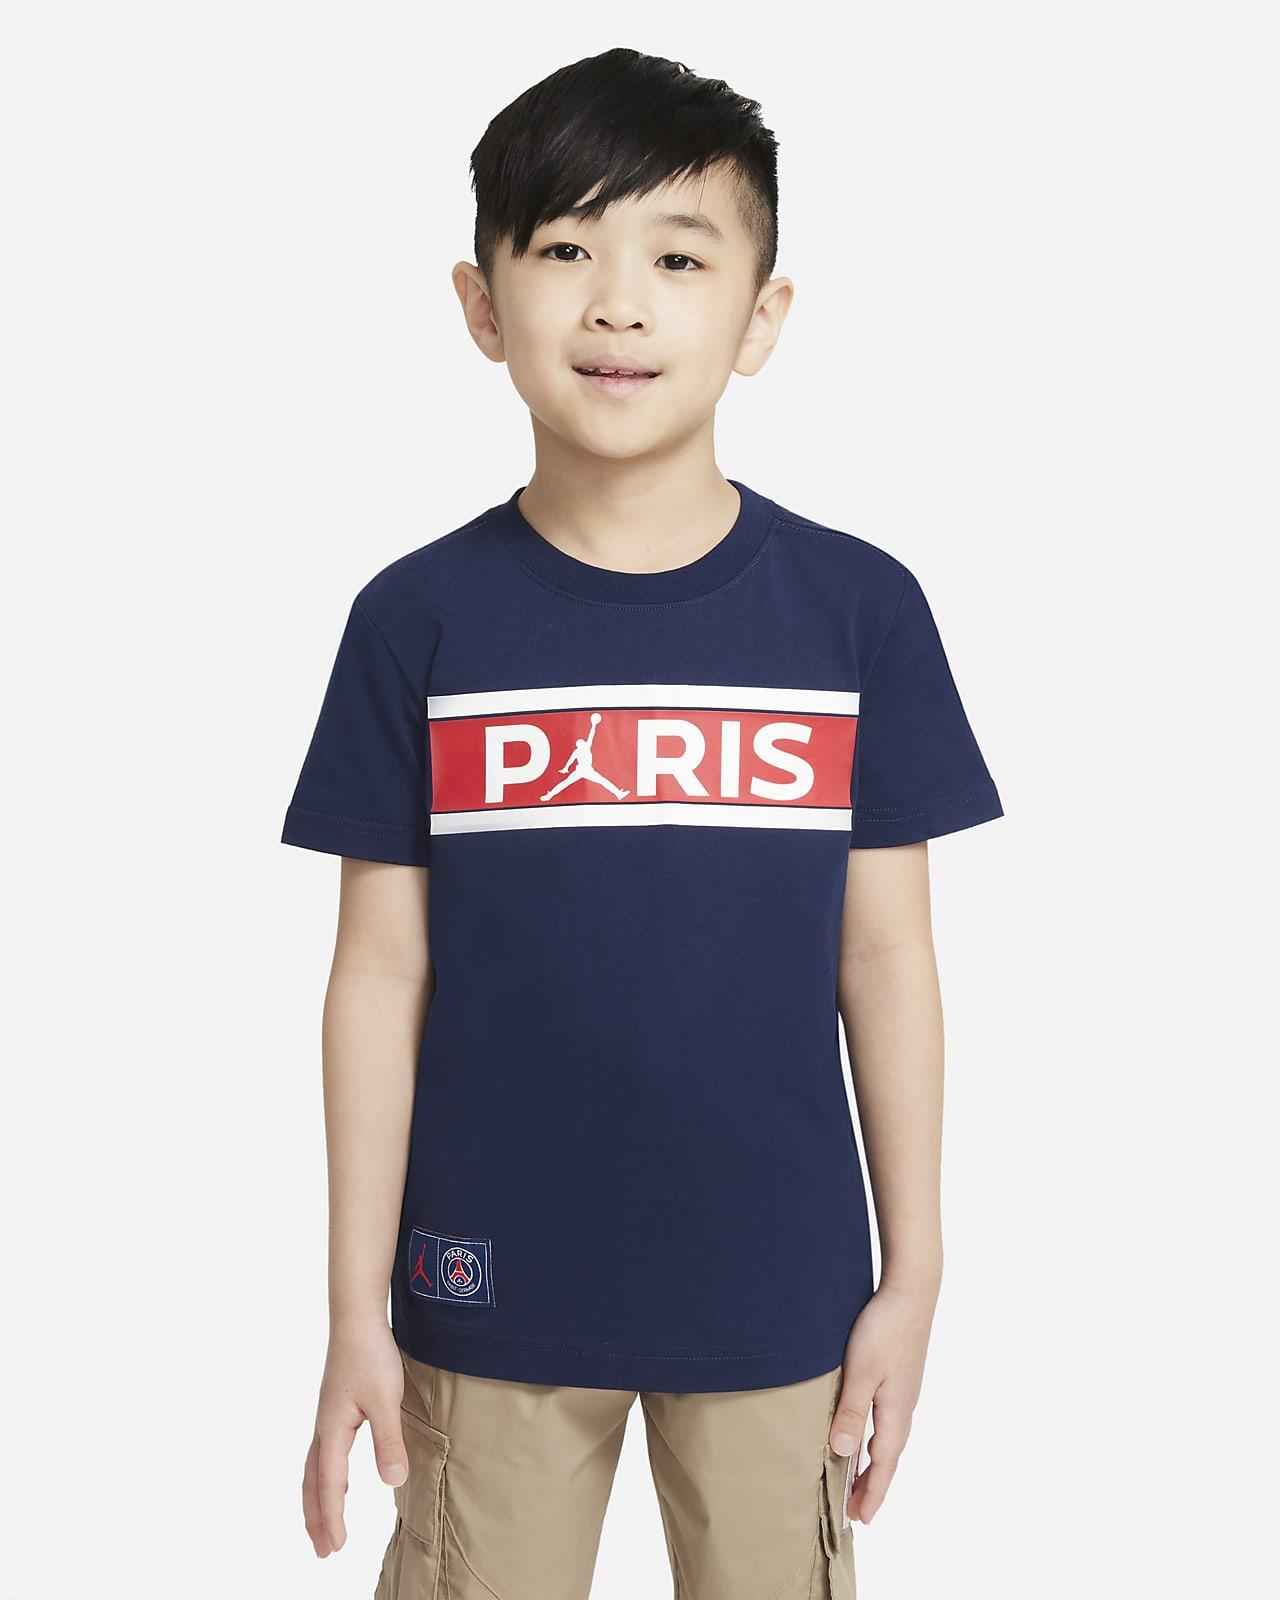 巴黎圣日耳曼幼童T恤